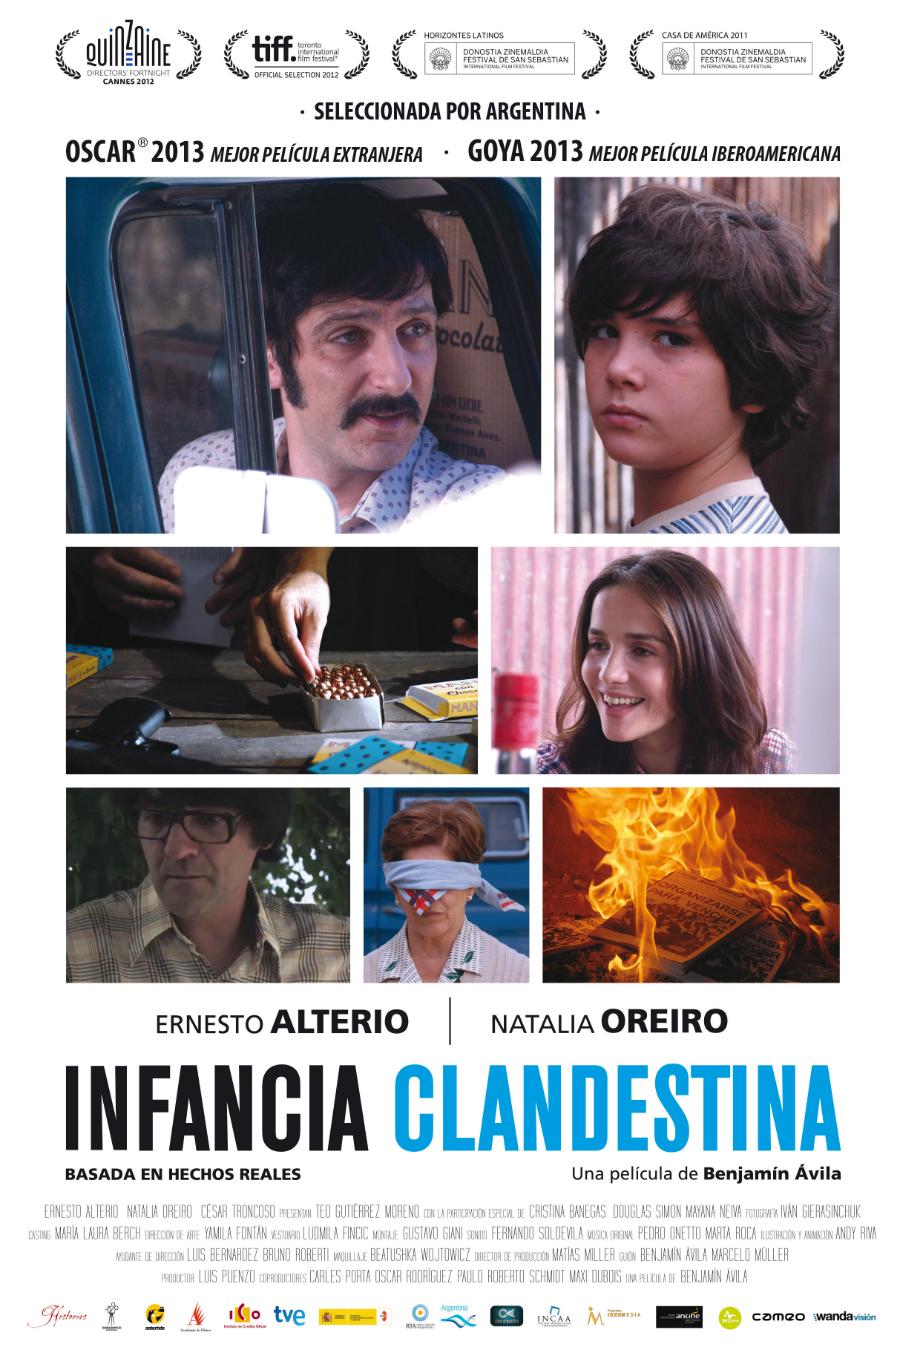 'Infancia clandestina': trailer y más